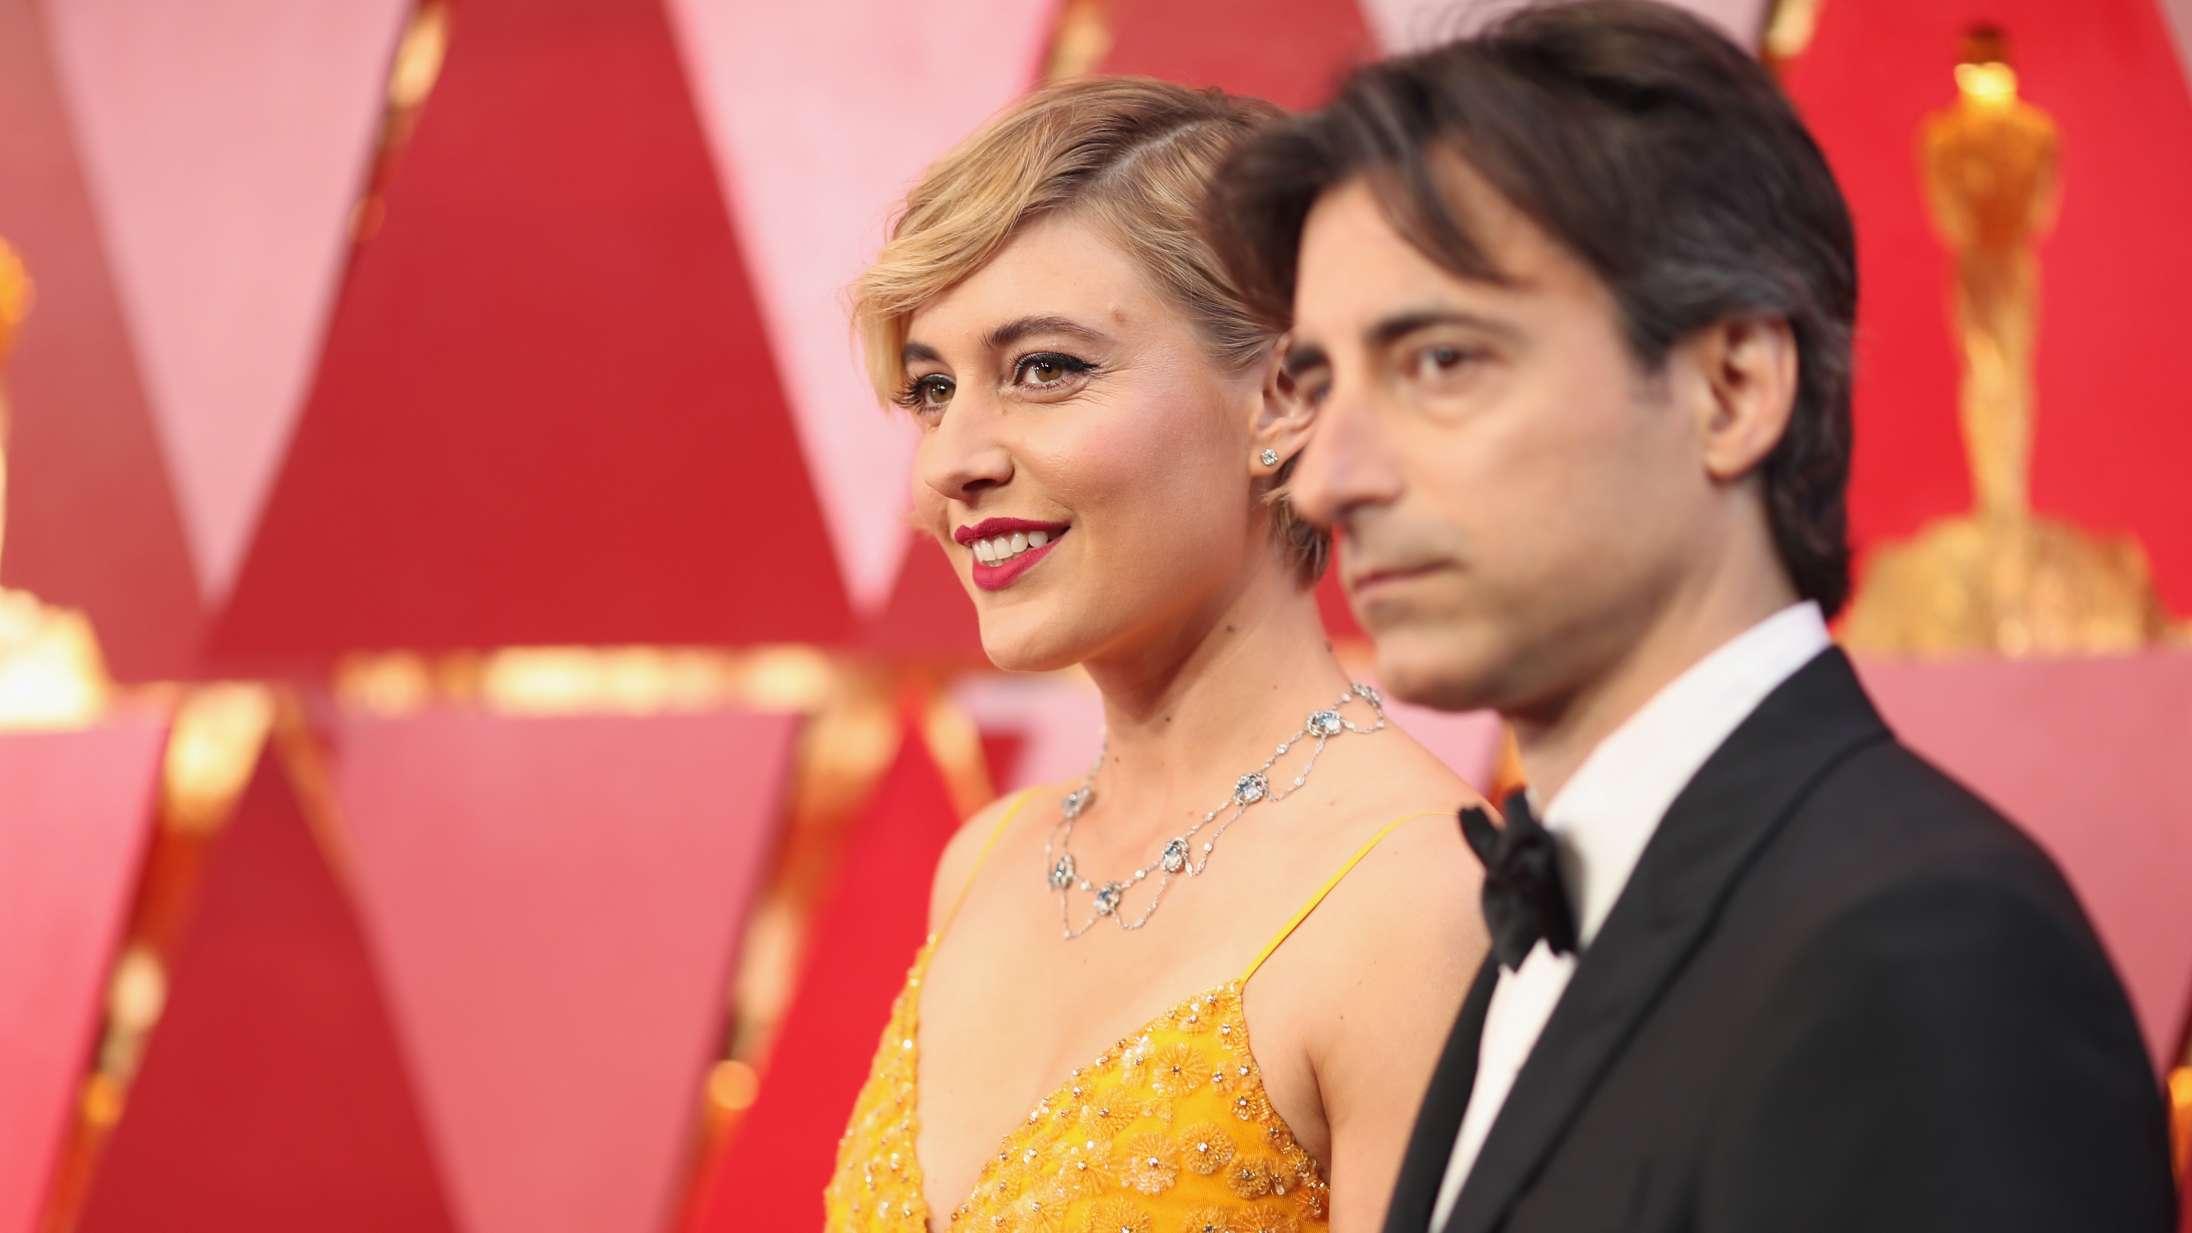 Noah Baumbachs næste film har Adam Driver og Greta Gerwig i hovedrollerne – og er baseret på »ufilmatiserbar« bog